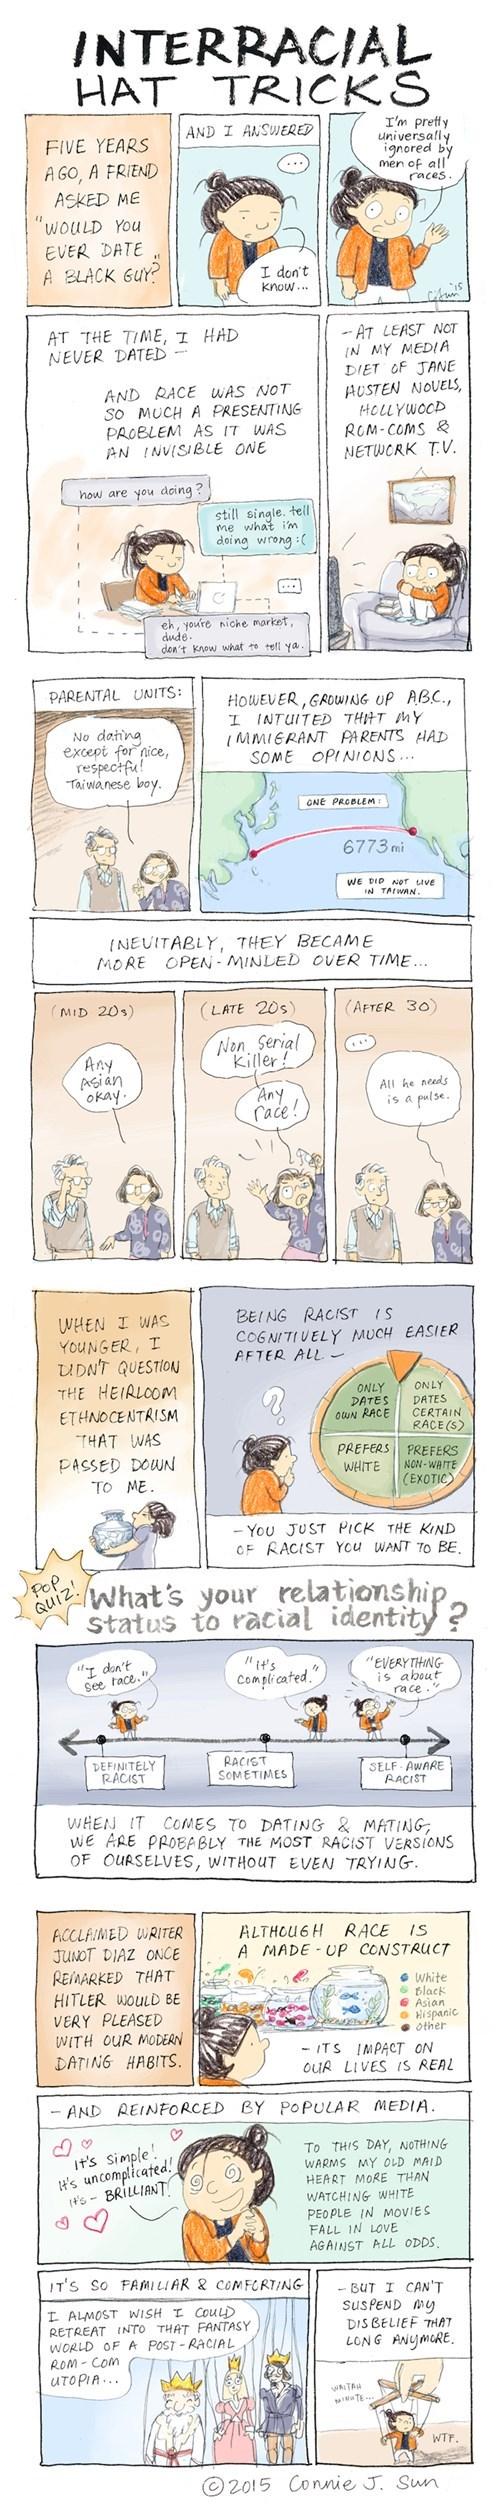 funny-web-comics-interracial-dating-tricks